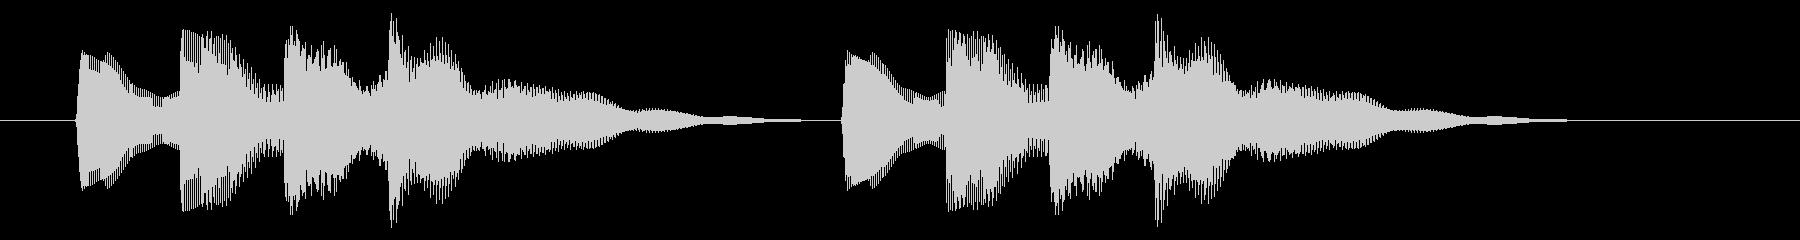 ニュース アラート03-2の未再生の波形